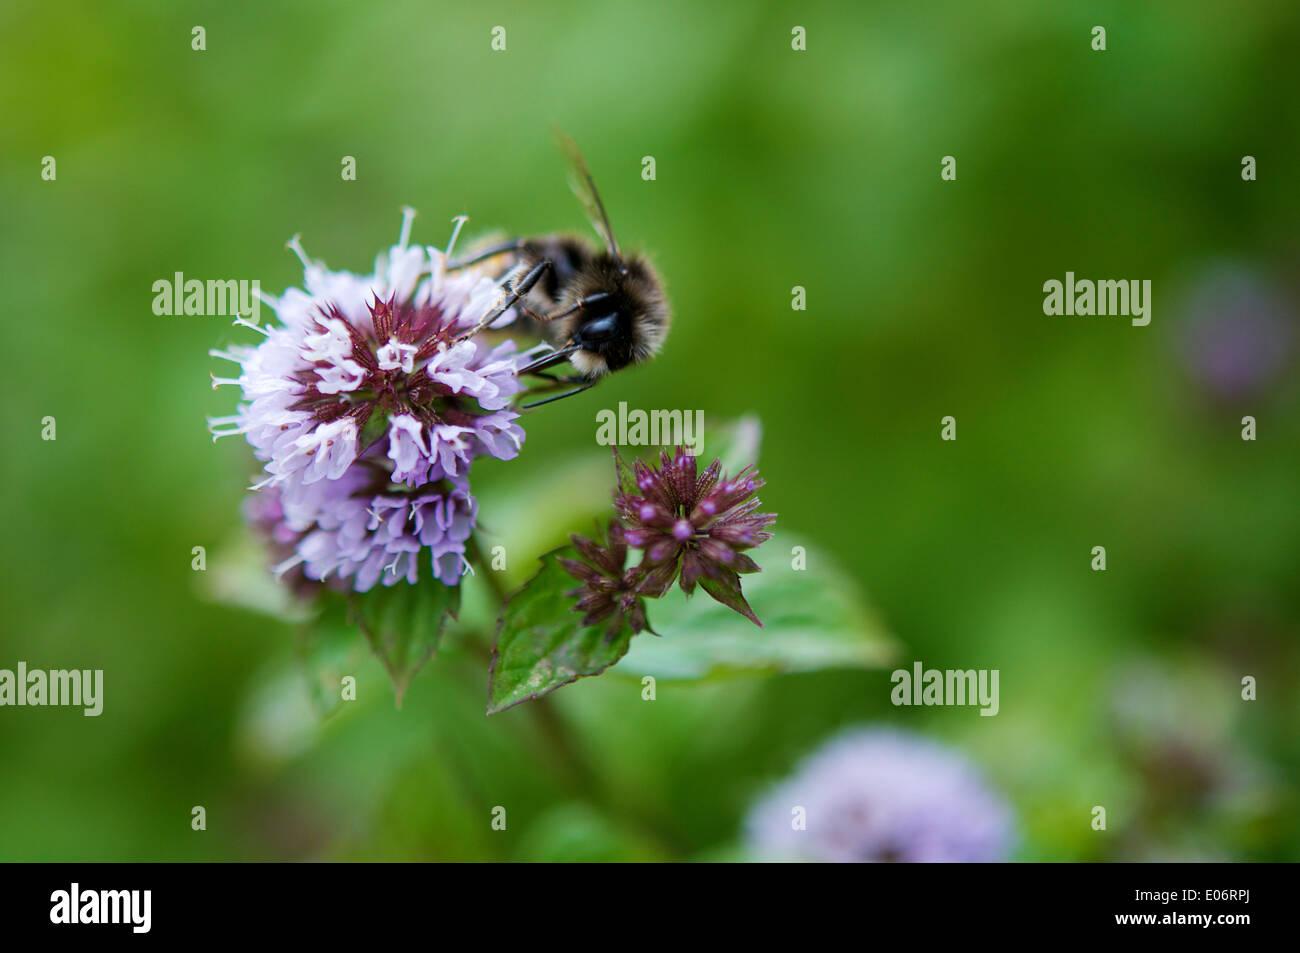 Humble abeille sur la fleur d'une Mentha citrata plante à un jardin en France. Photo Stock